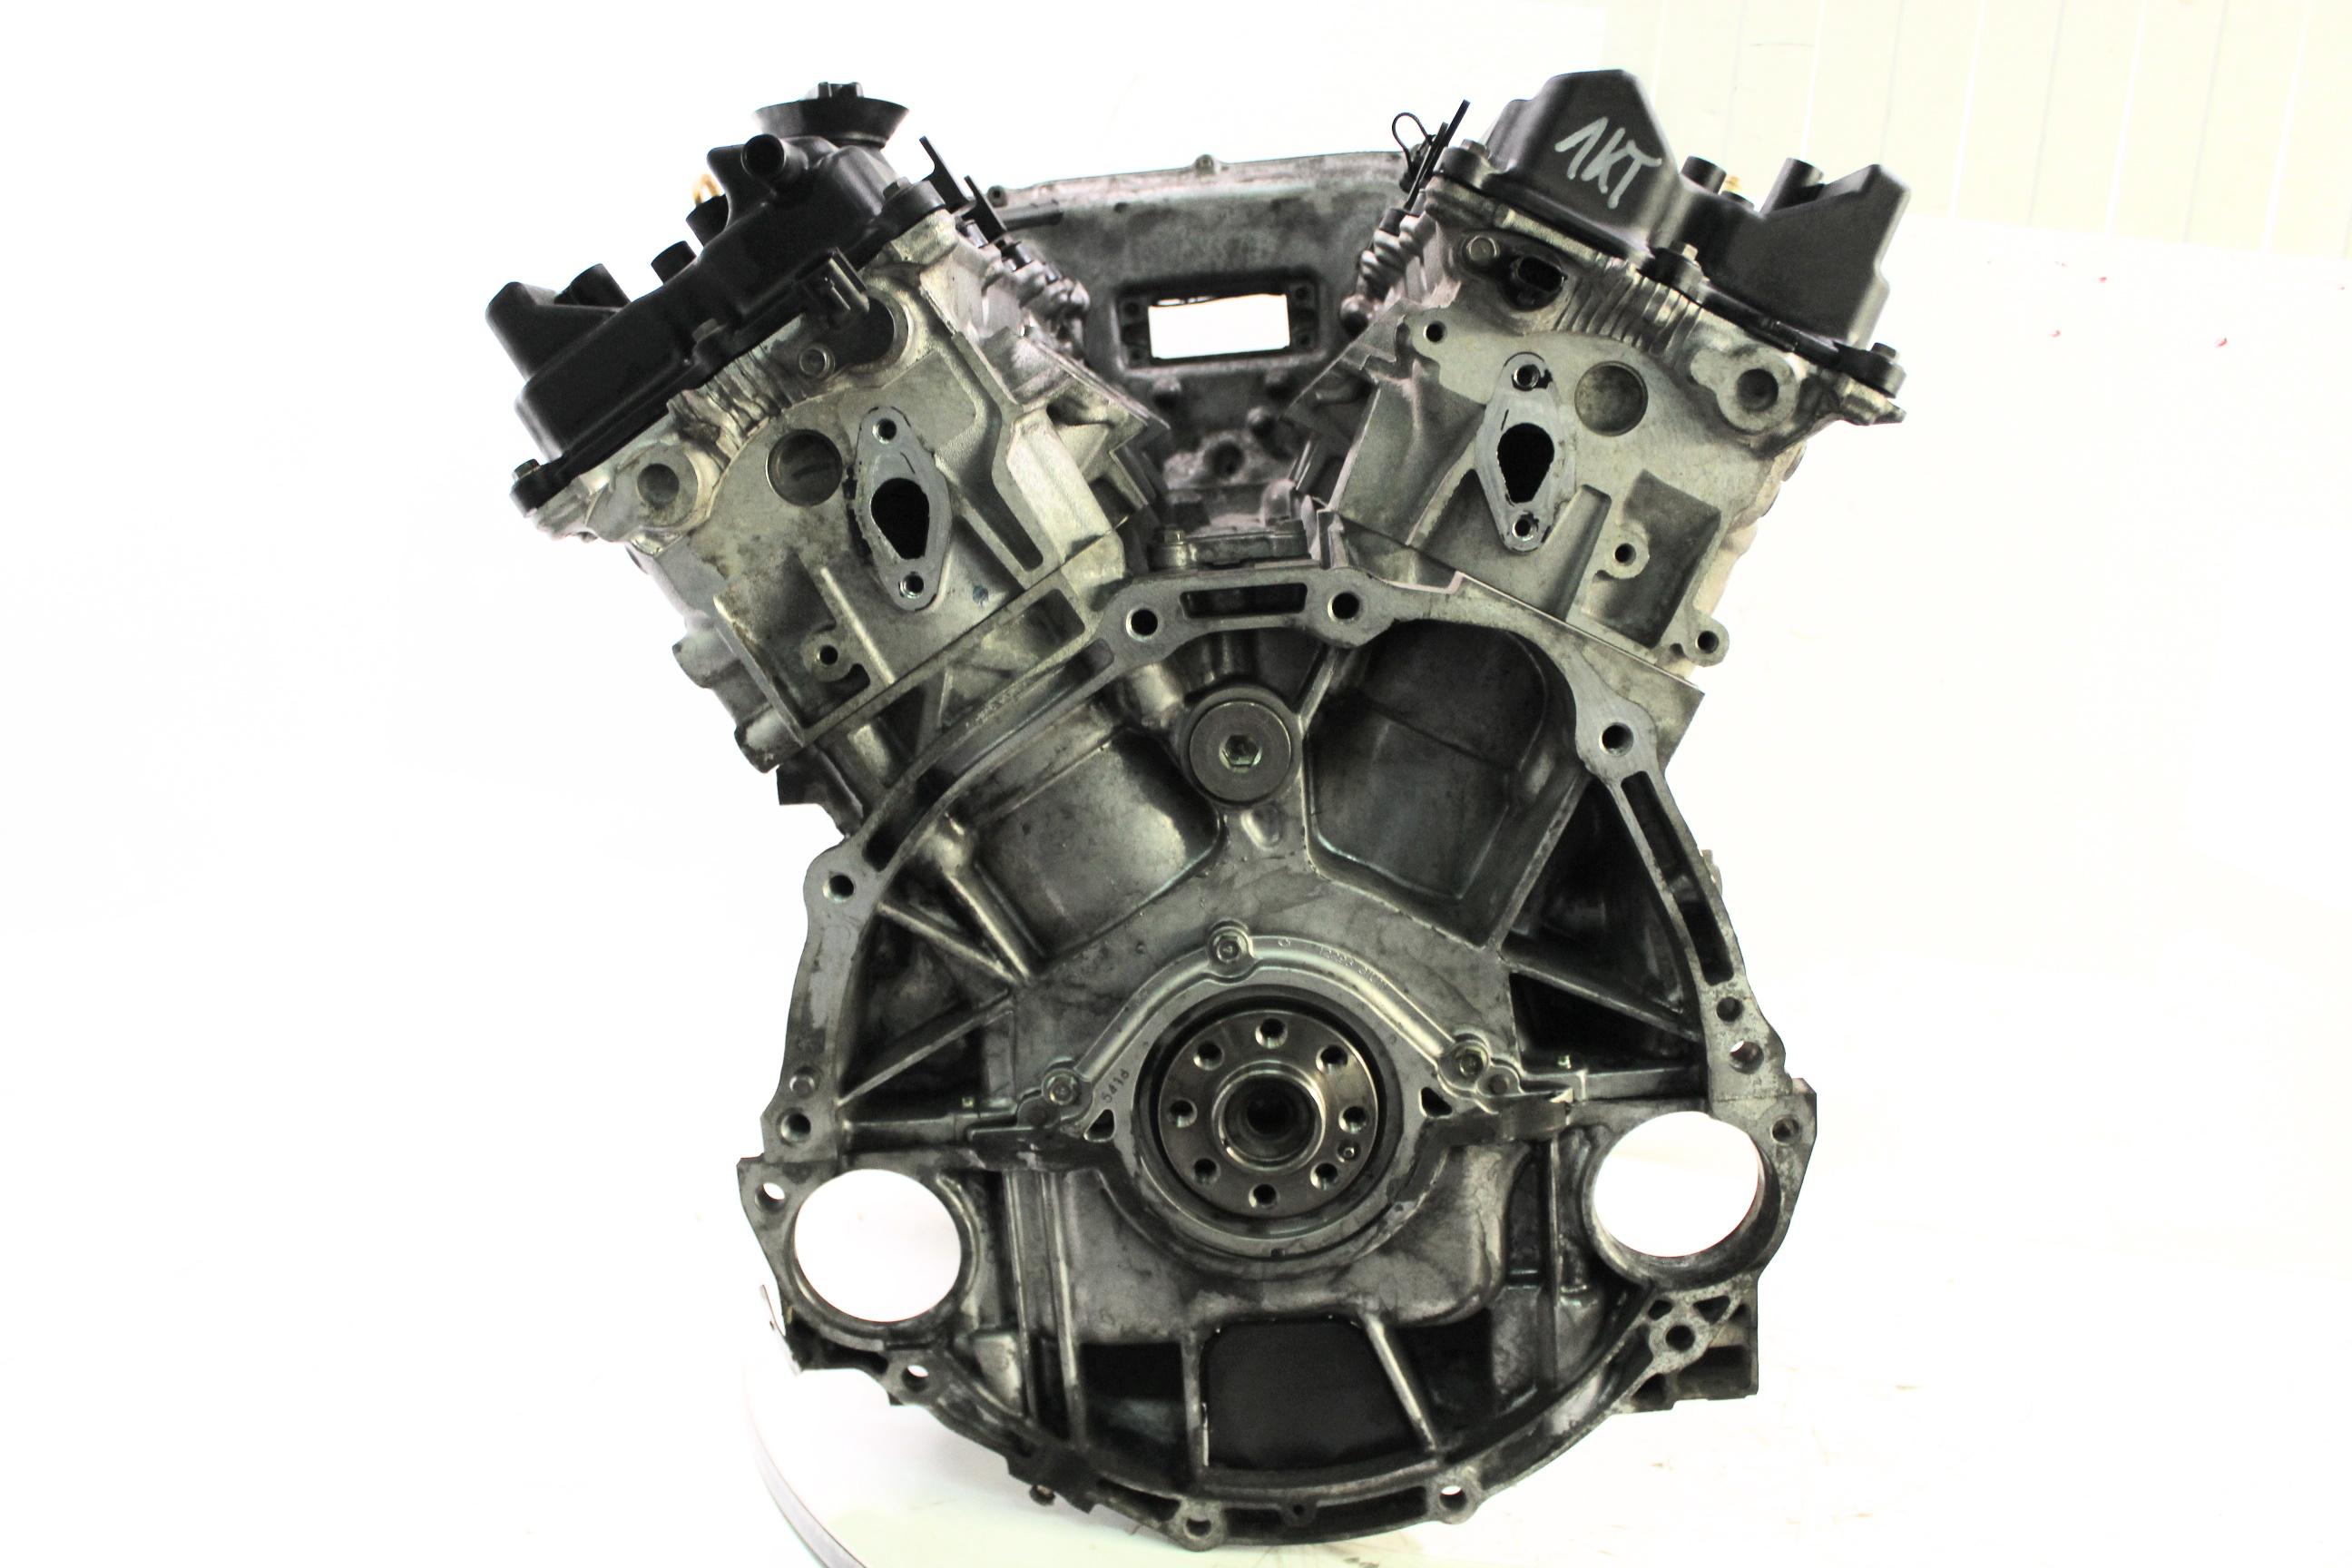 Motor 2004 für Nissan 3,5 VQ35DE VQ35 280 PS